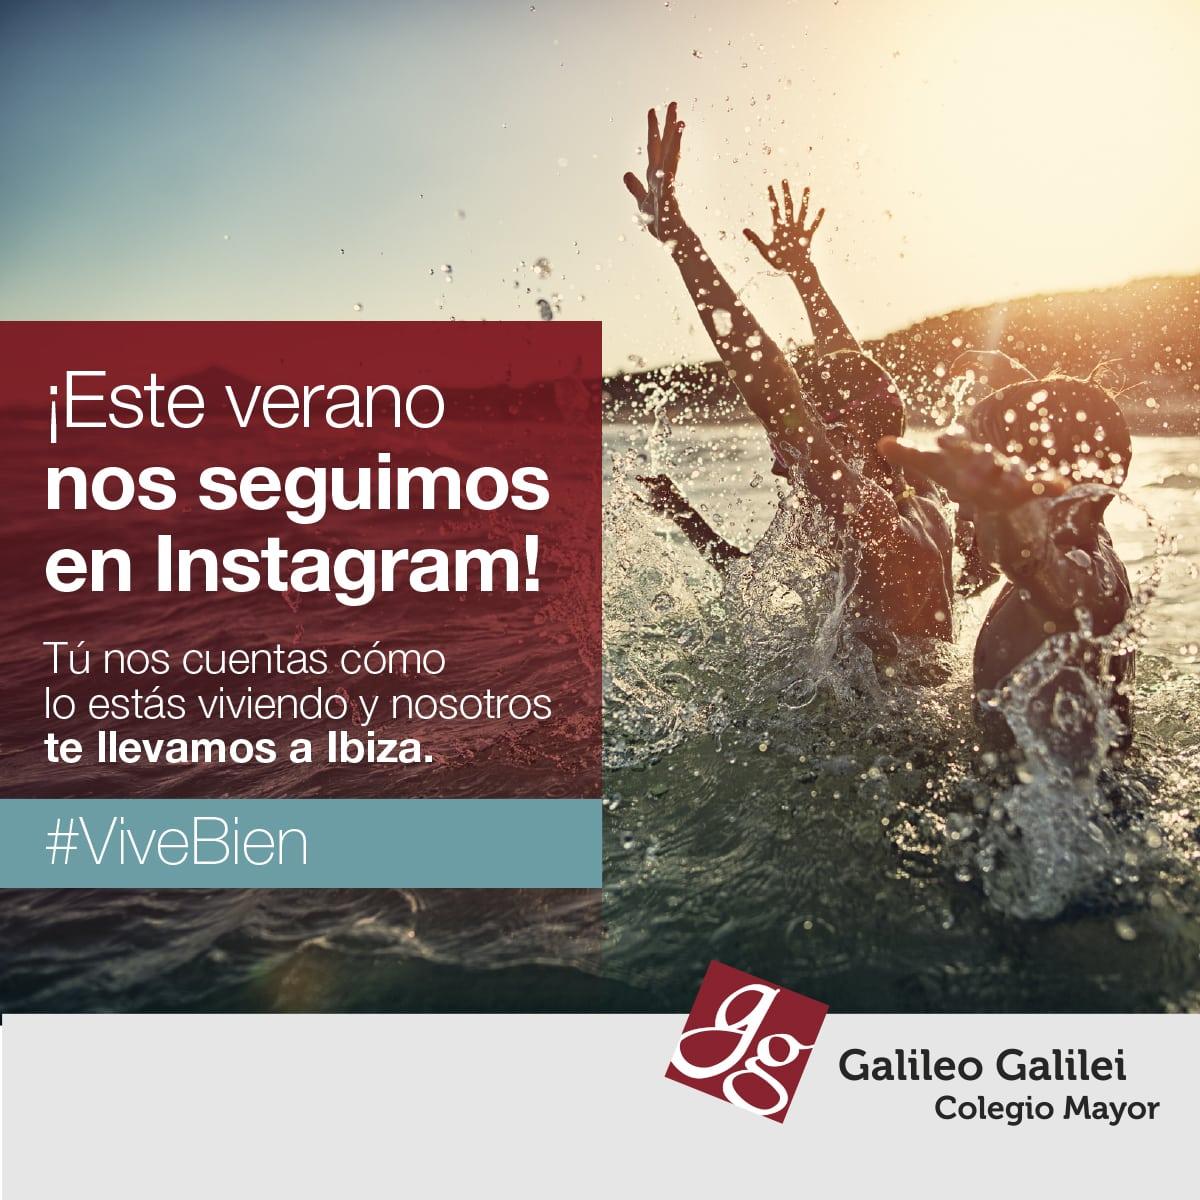 Colegio Mayor Valencia - Viaje a Ibiza